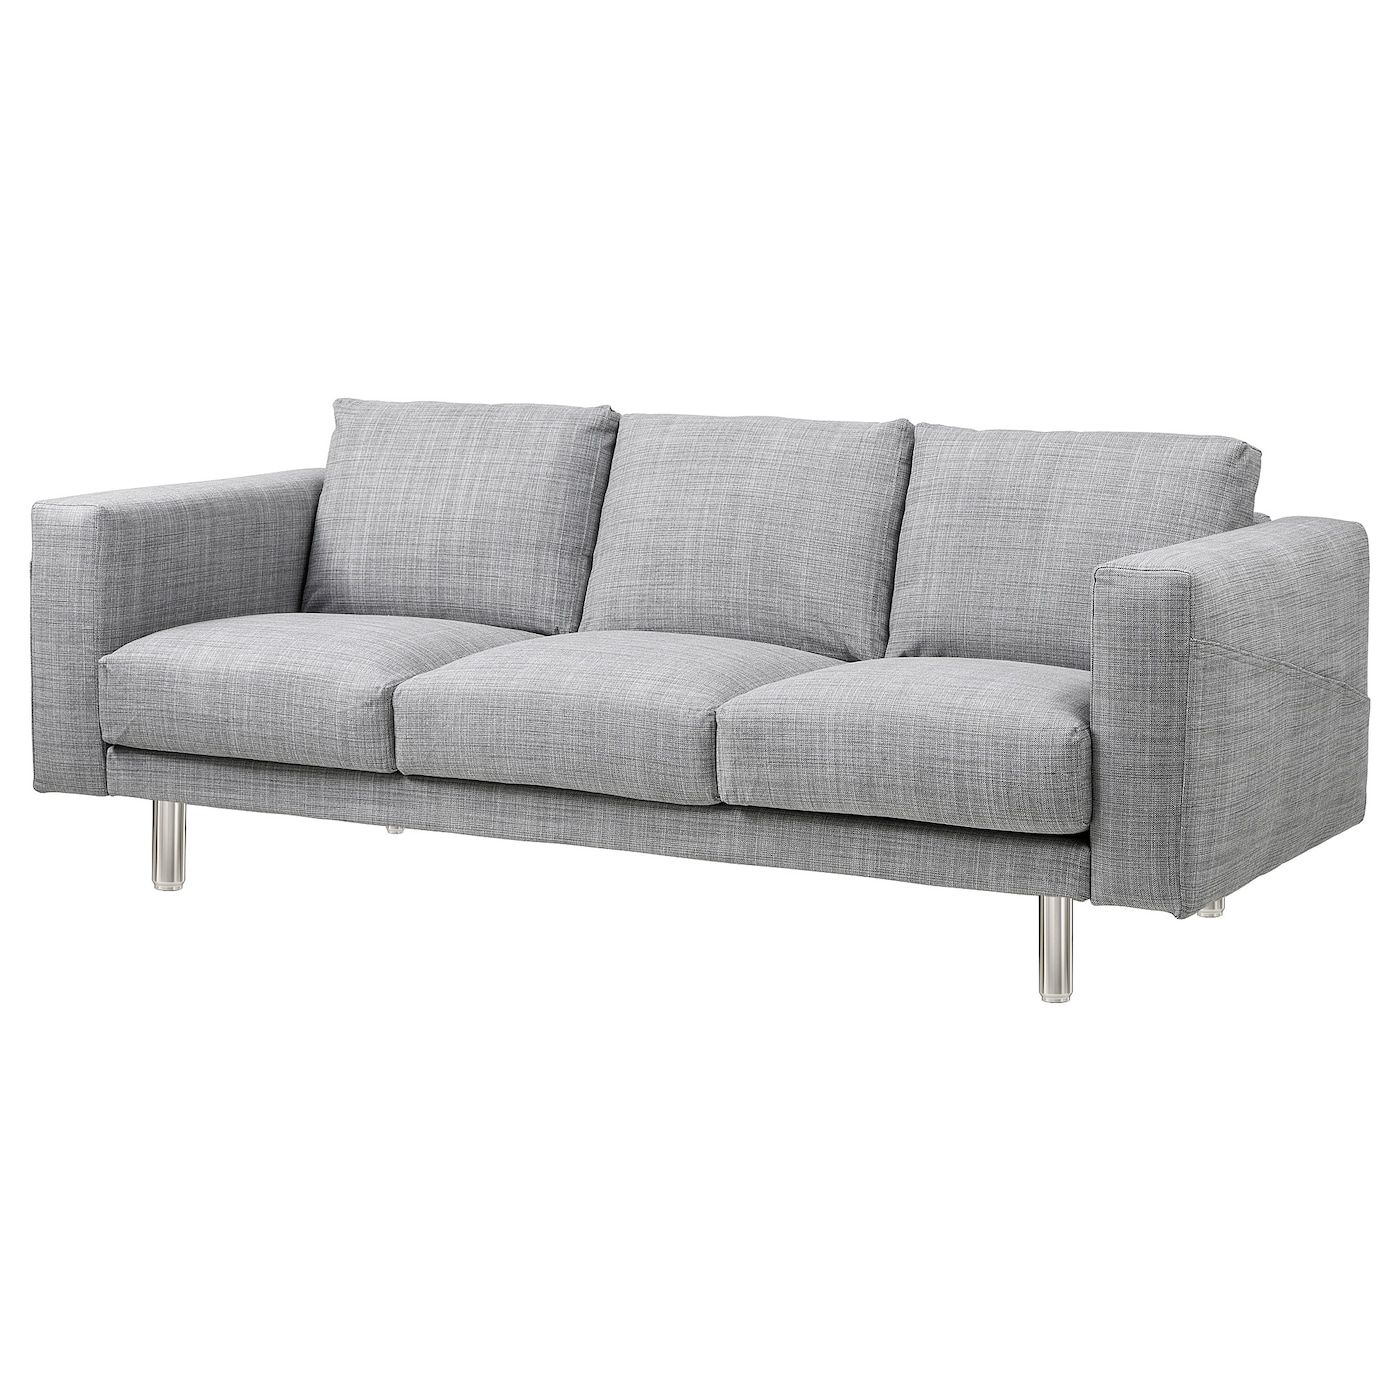 Mistä löytää kotimaisia huonekaluja - ja mihin hintaan?